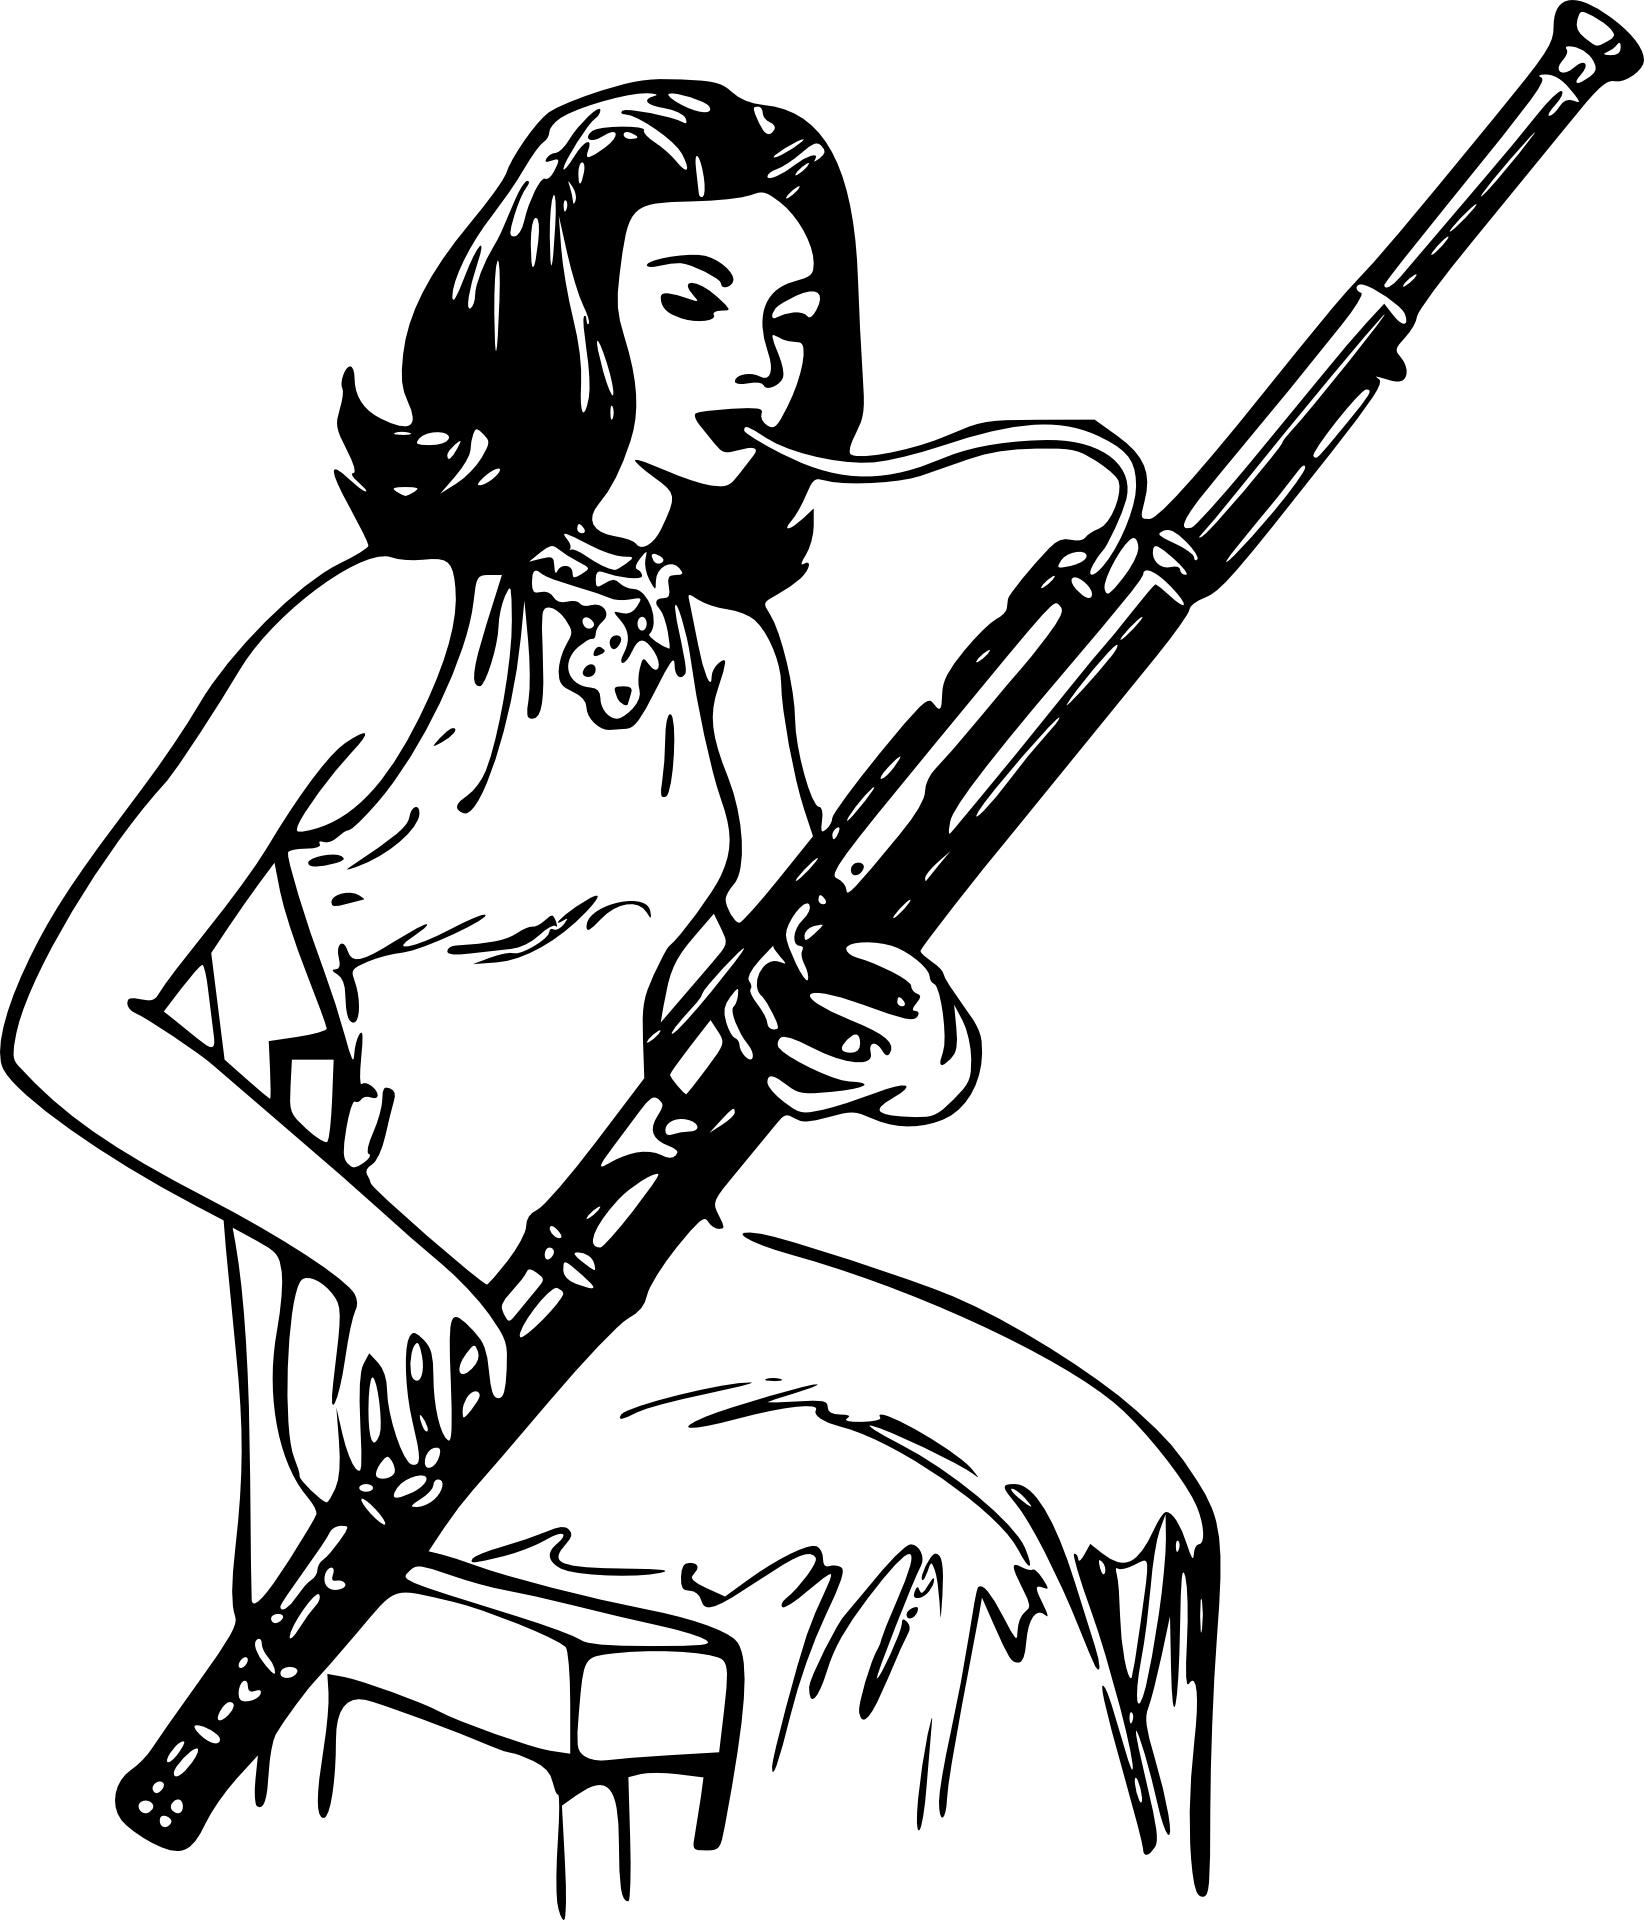 Instrumente spielen